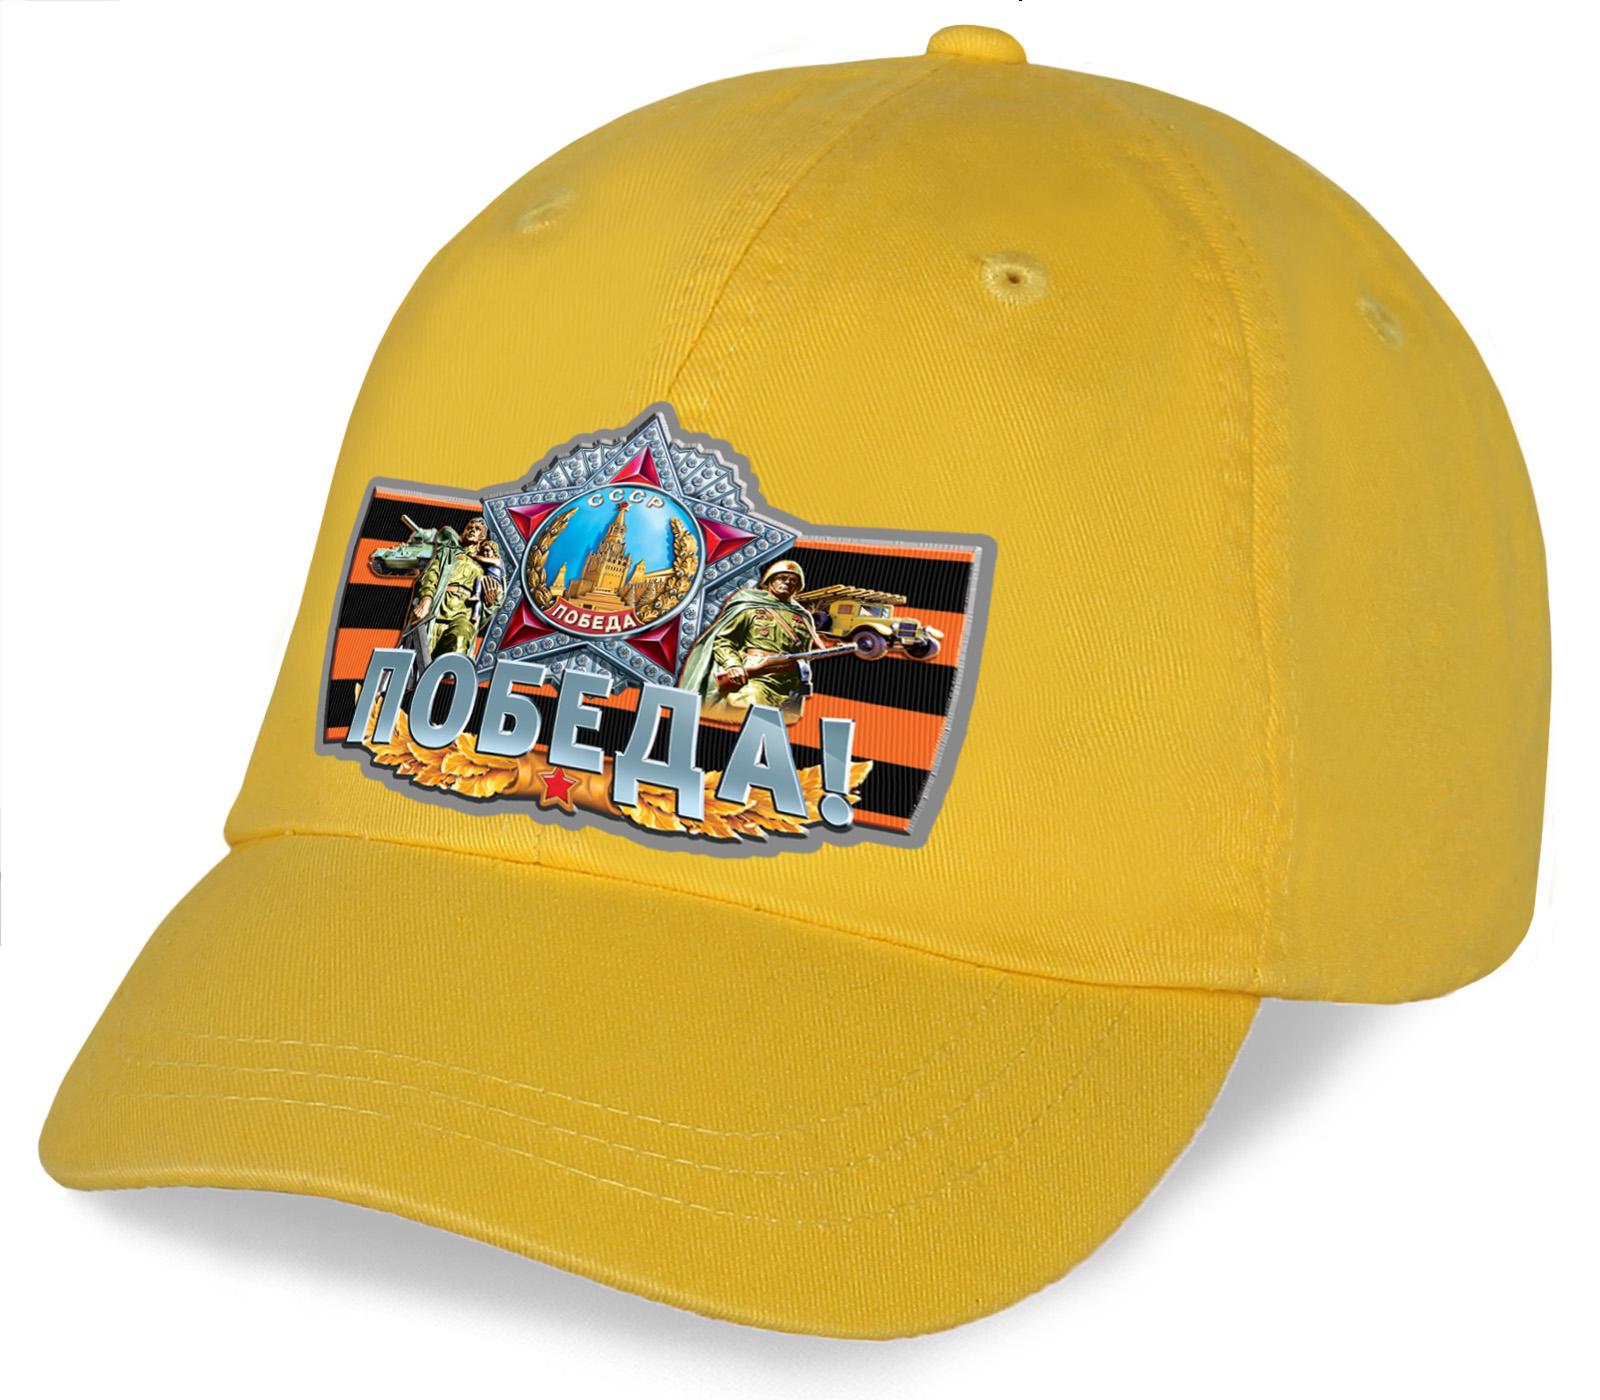 Практичный и долговечный презент, какой Вы не купите нигде – высококачественная кепка из желтого хлопка с принтом Победа от дизайнеров Военпро. Эксклюзивный подарок от Военпро